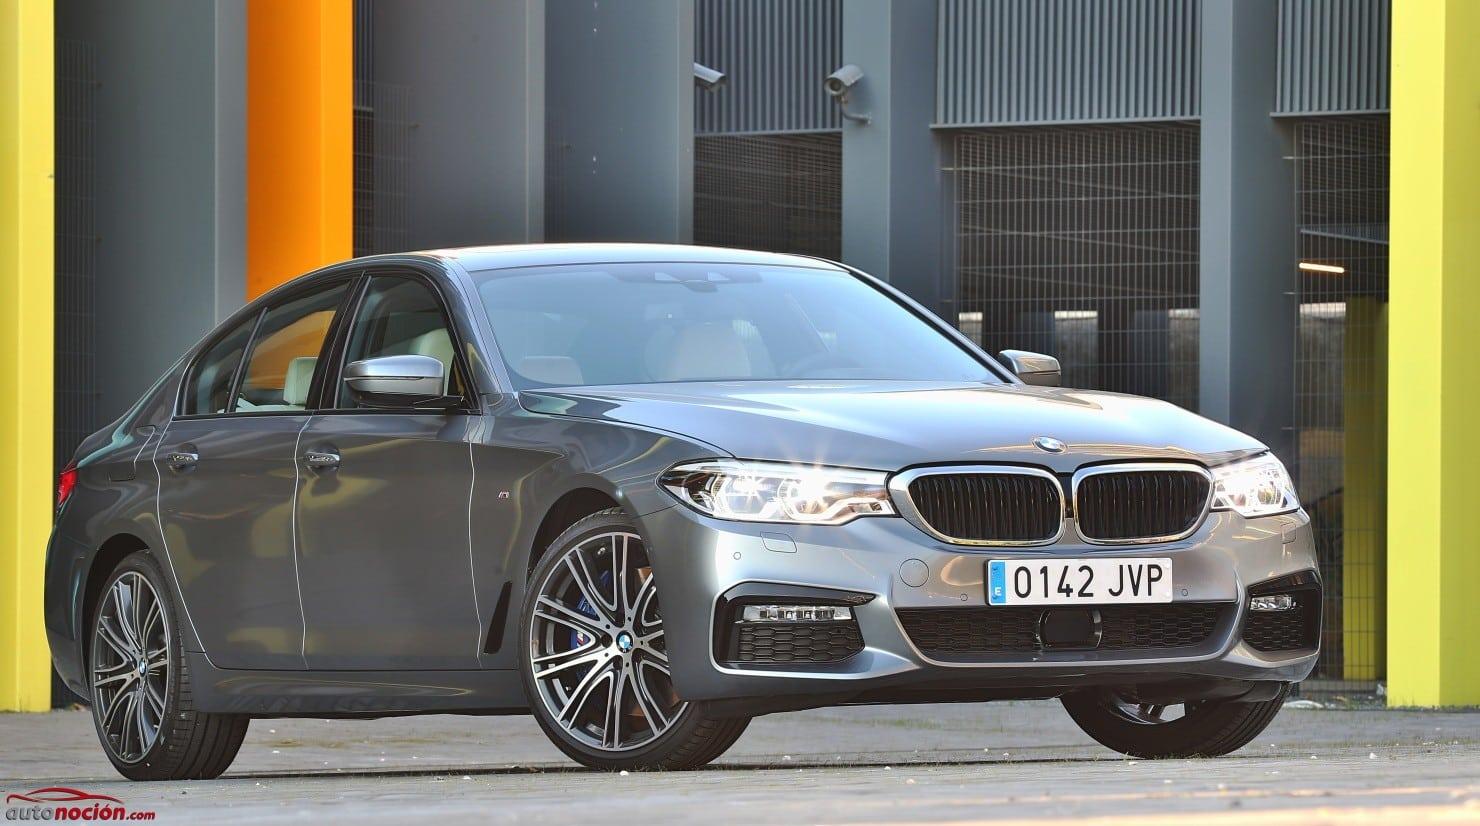 De vuelta al cole con BMW: Los Innovation Days nos enseñan los últimos avances de la empresa